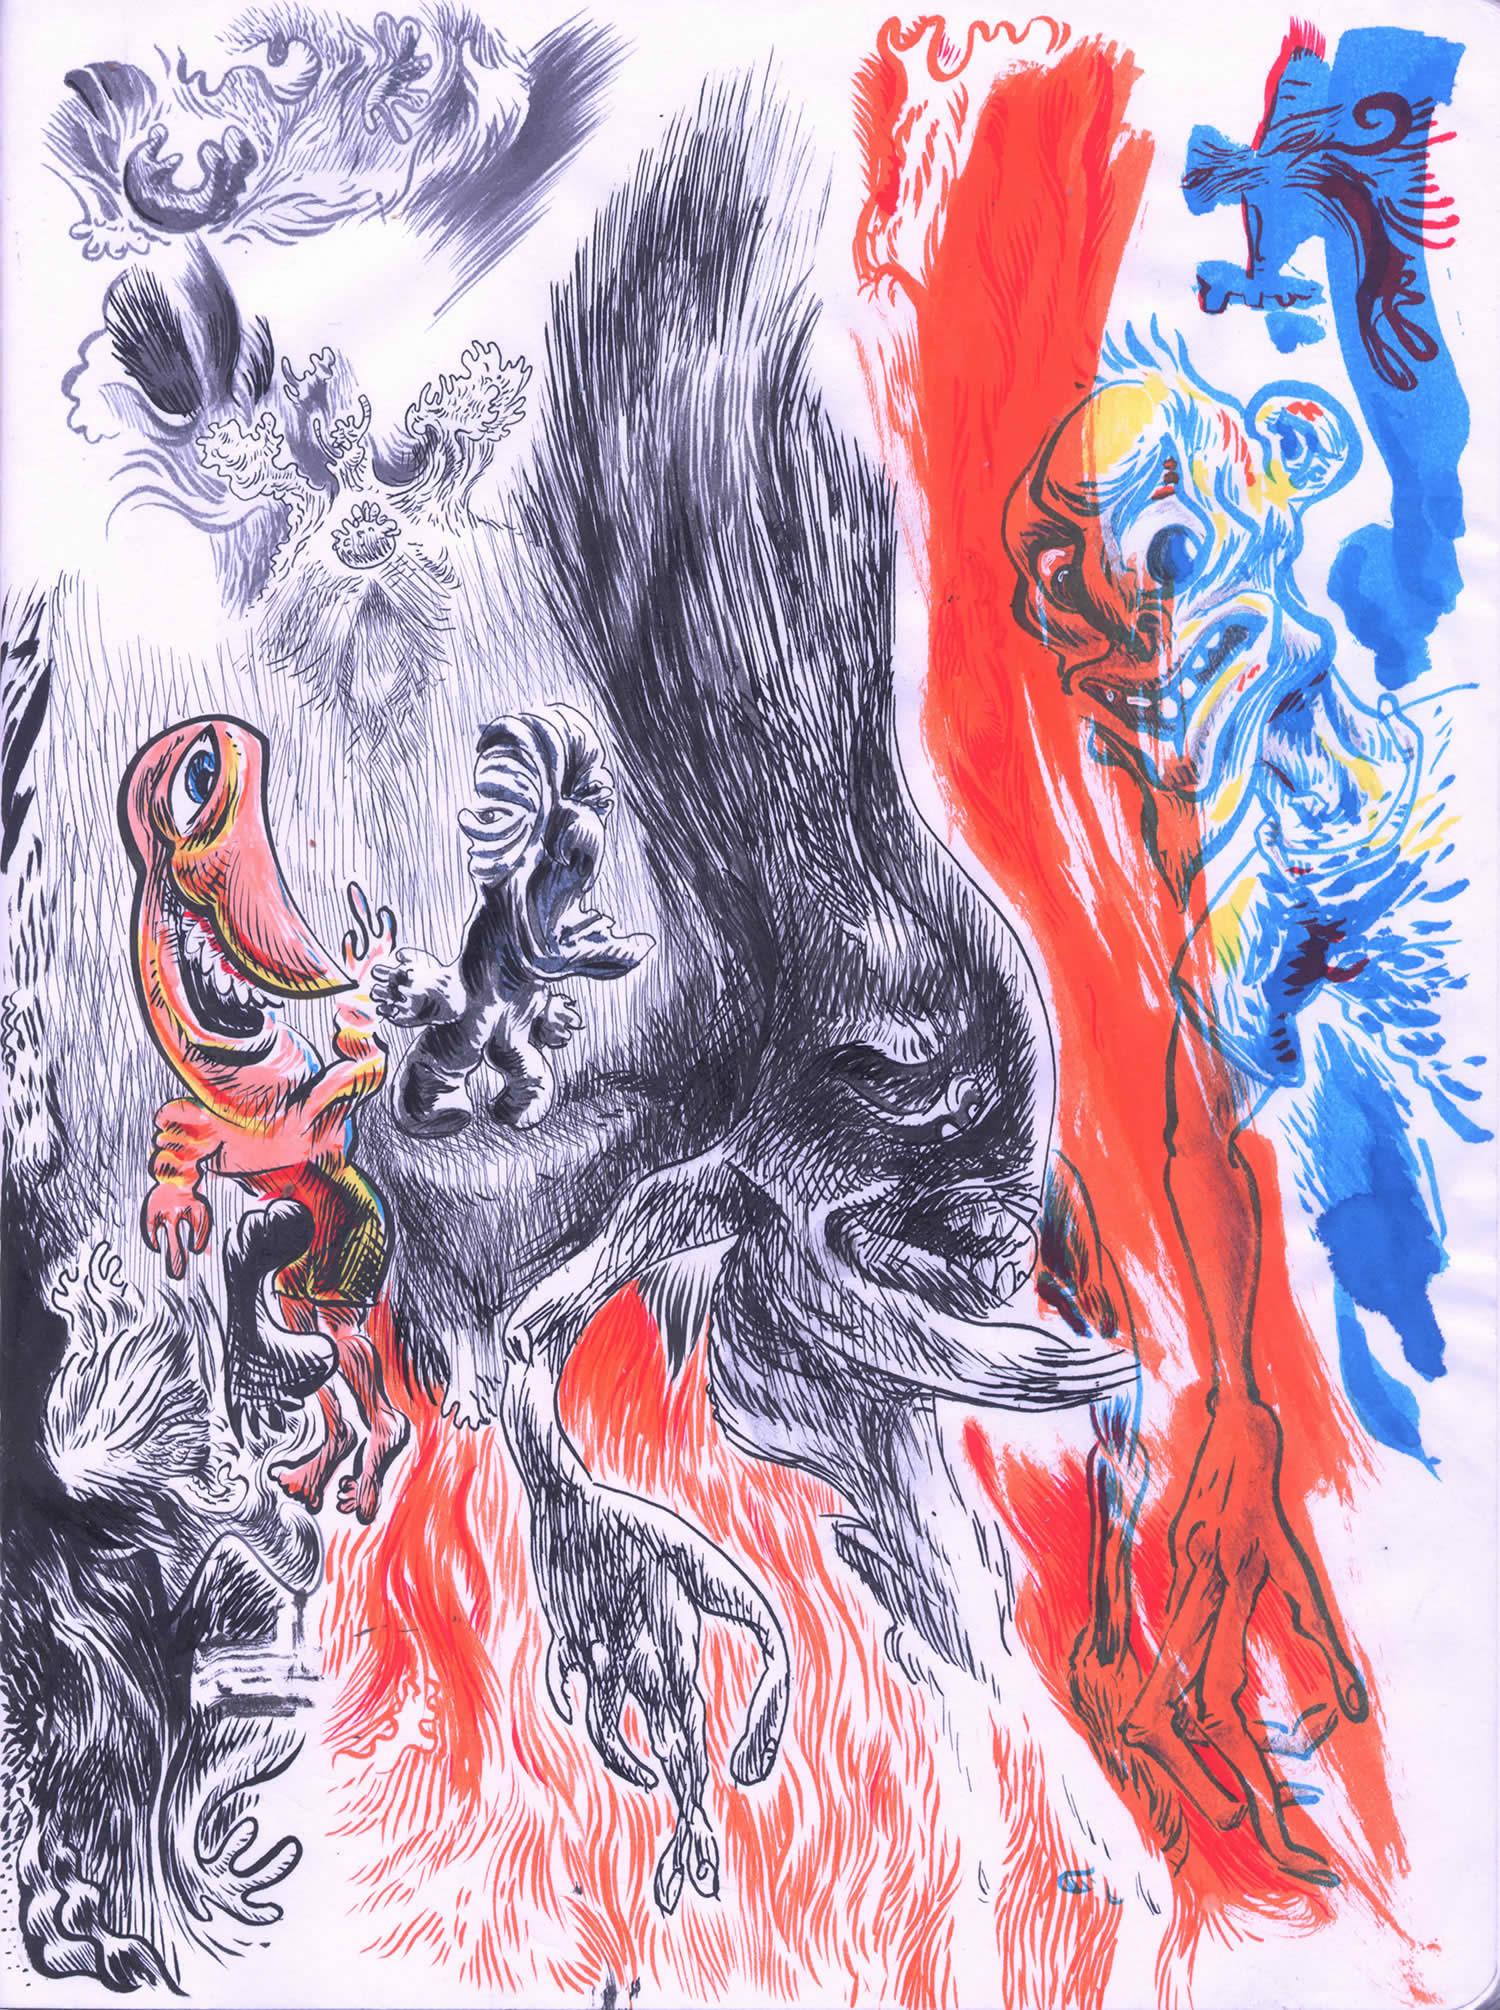 doodle 1 by monocat